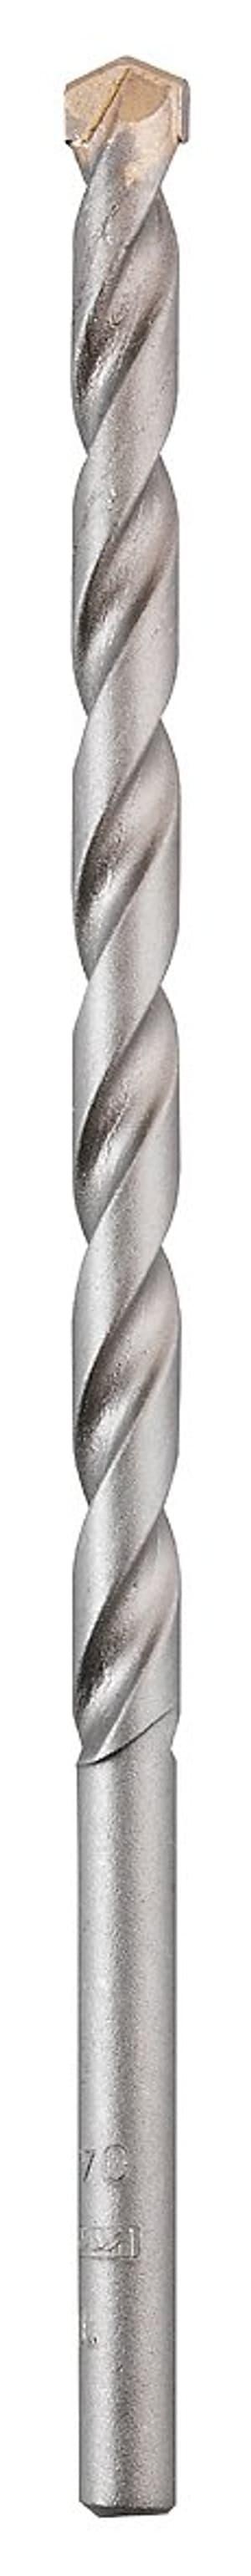 Mauerdurchbruchbohrer, 400 mm, ø 12 mm